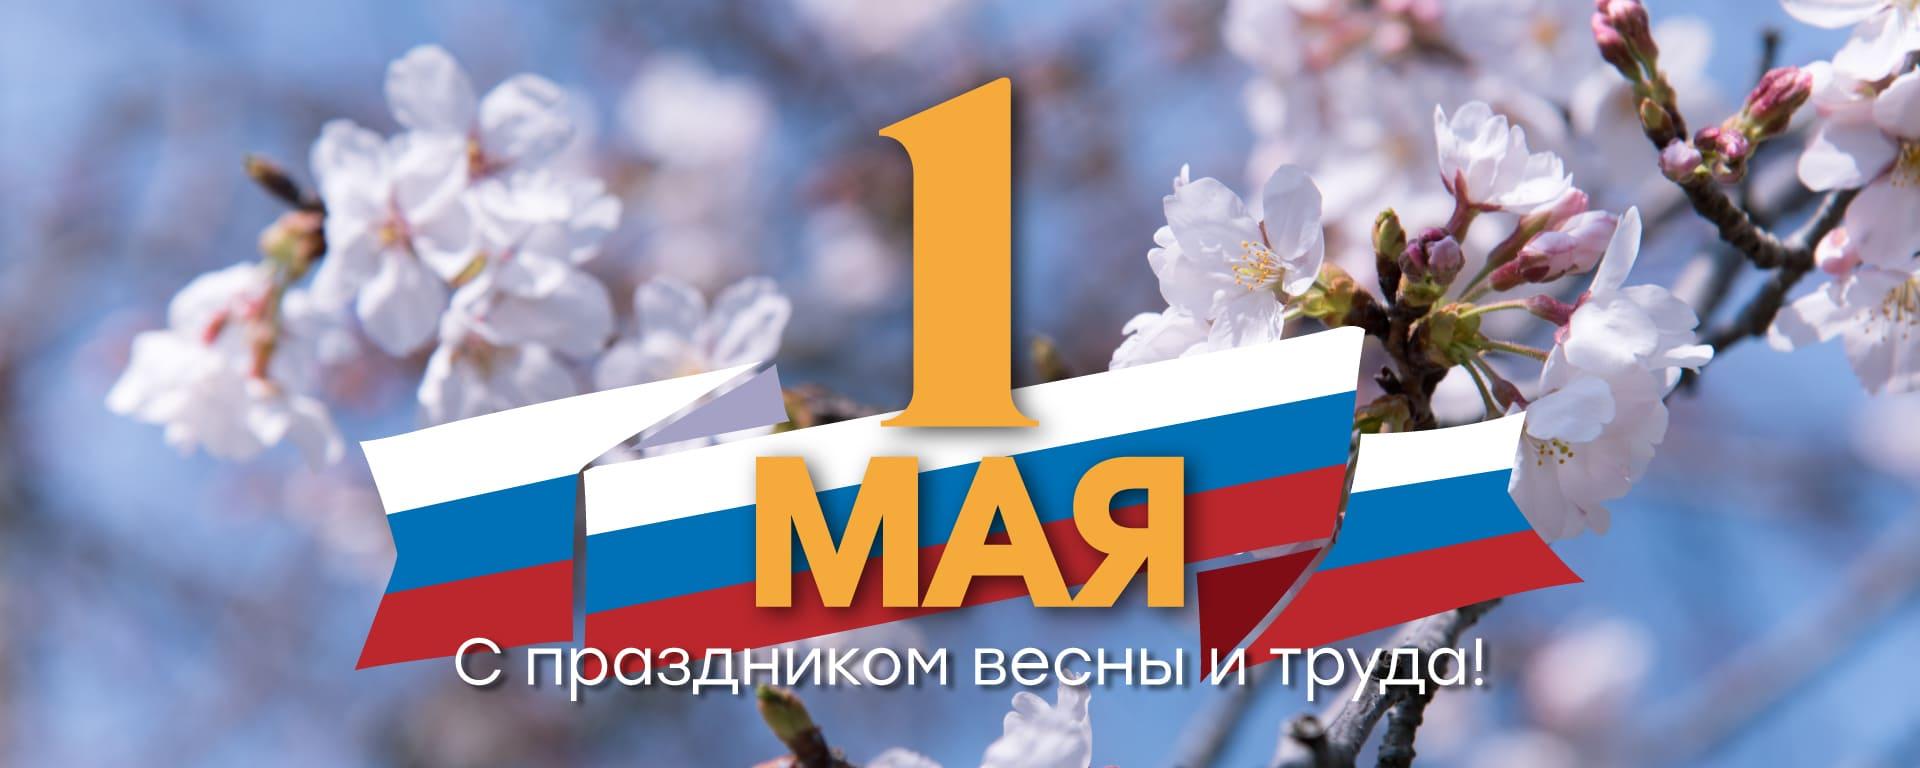 1-may-banner-1920x768